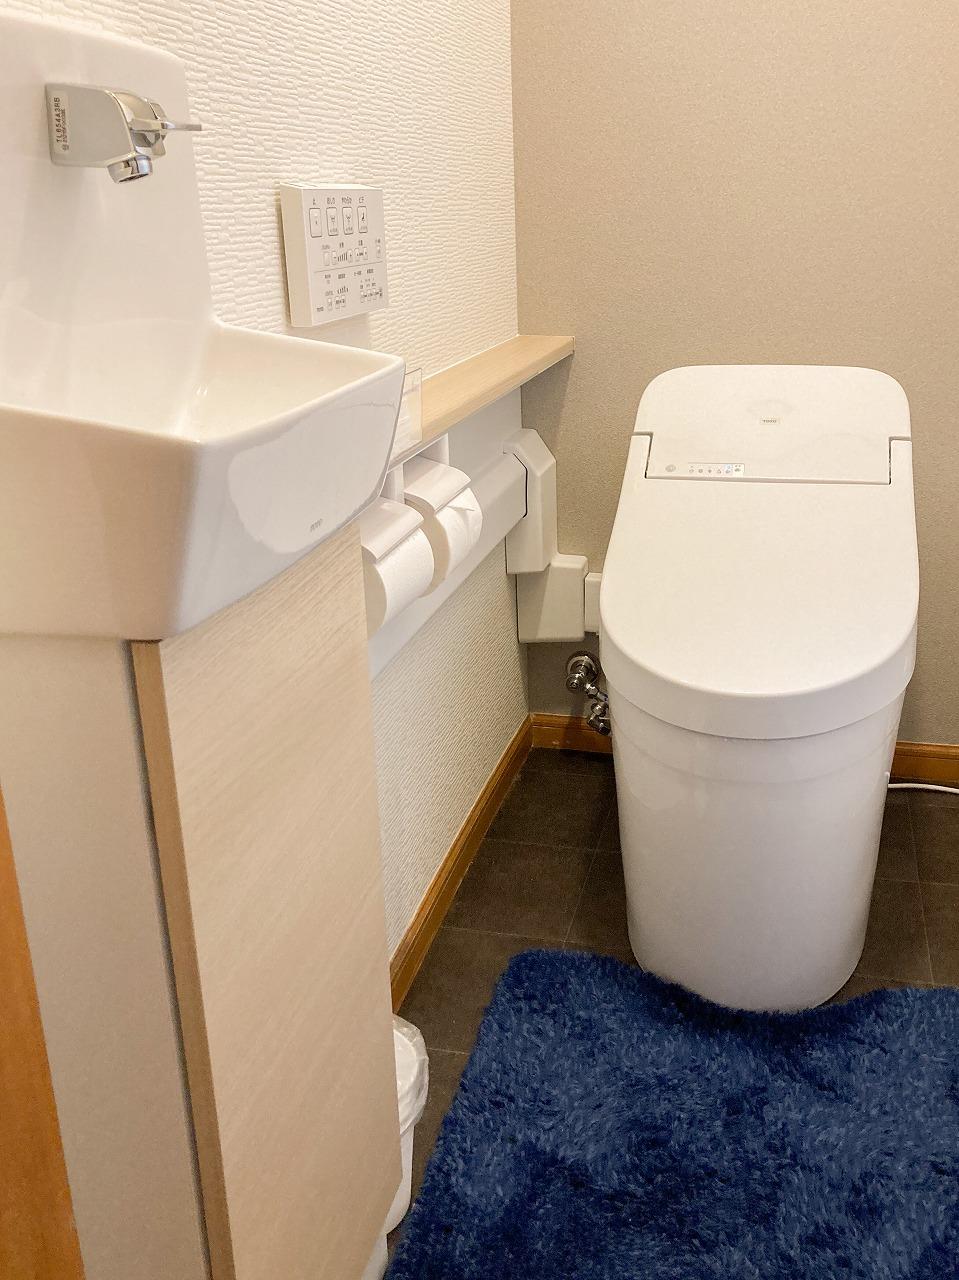 わが家にやってきたスッキリとしたタンクレストイレ